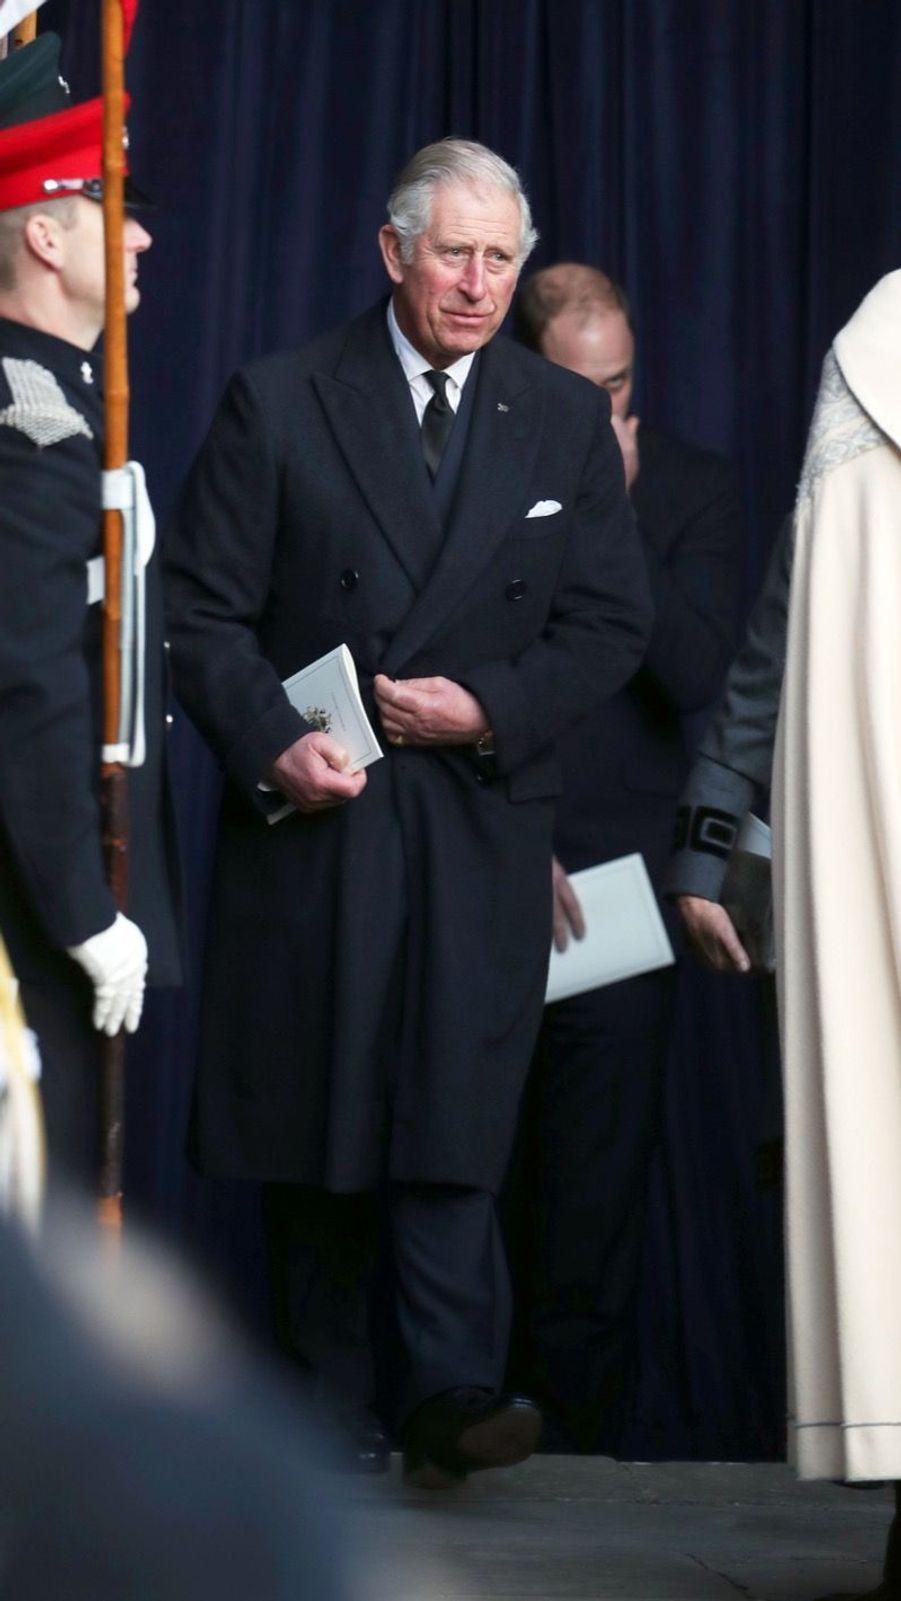 Dernier Hommage Au Duc De Westminster 17